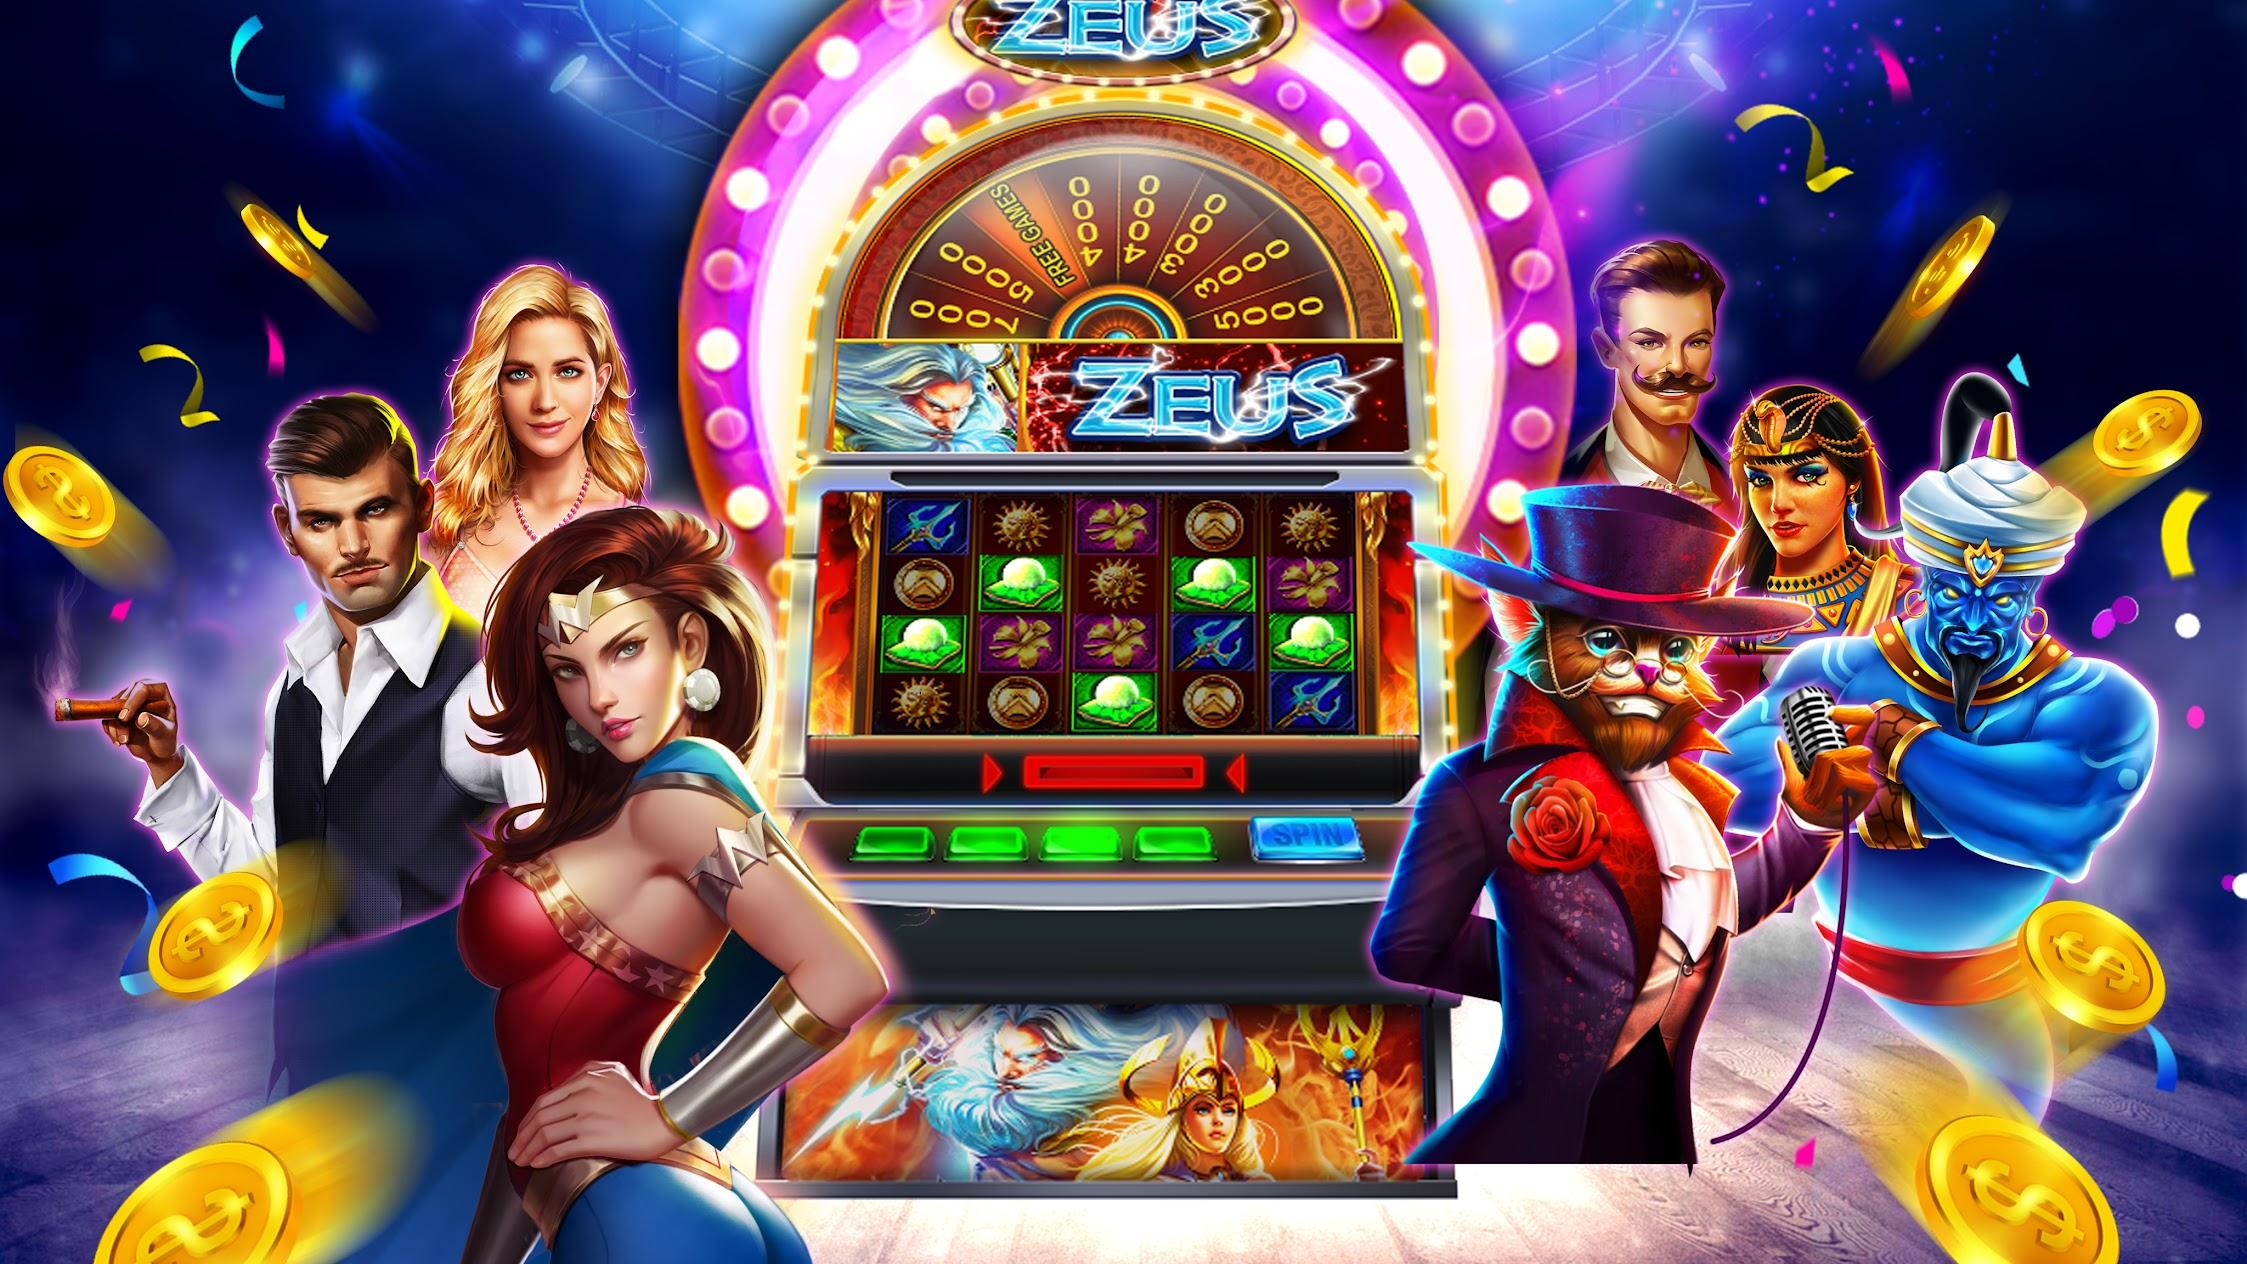 Las Vegas Free Play